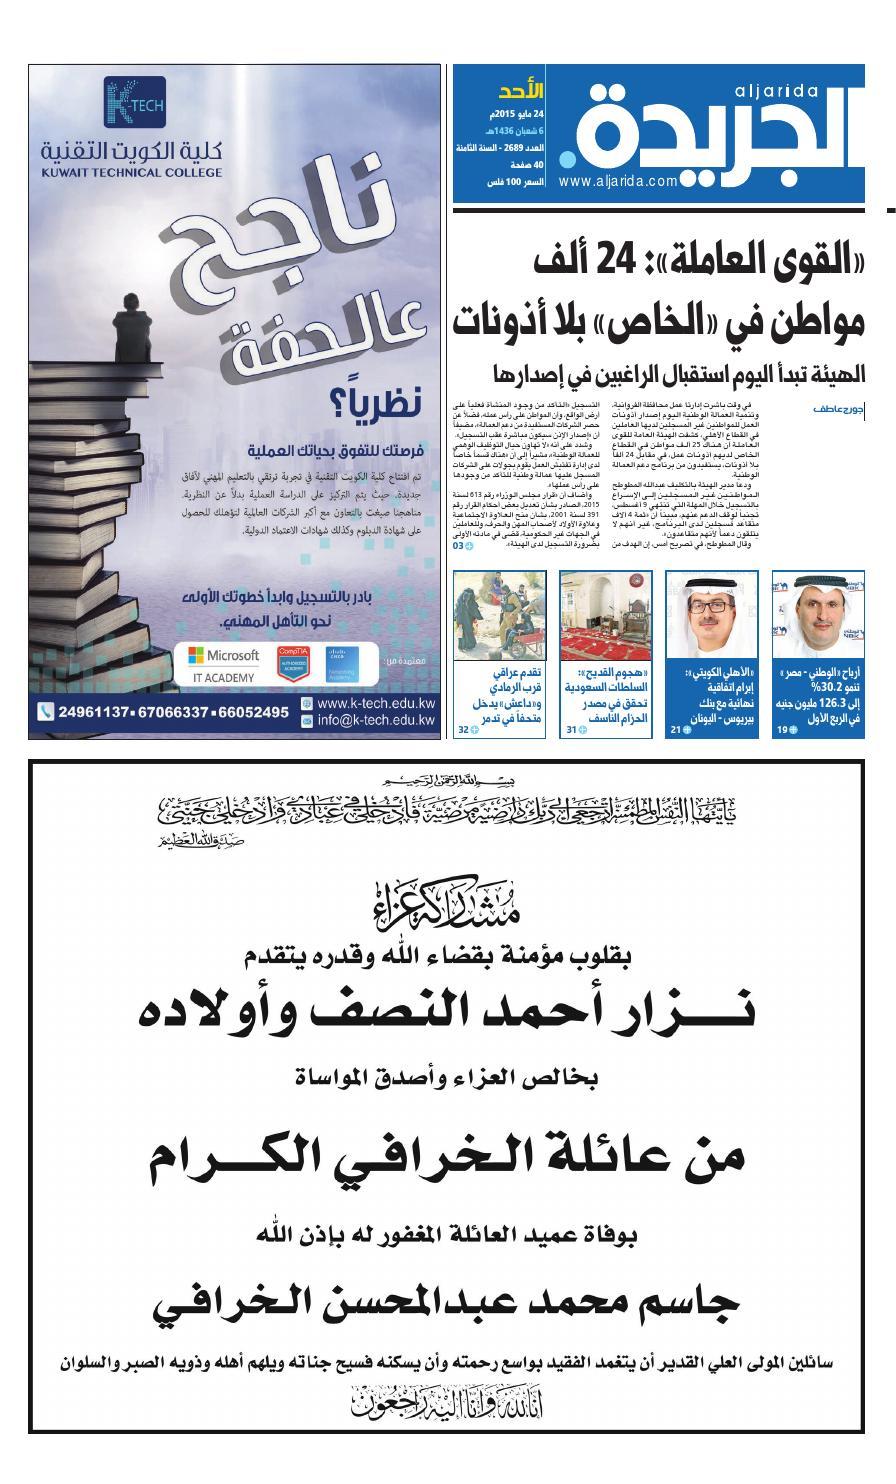 1b4052e67 عدد الجريدة 24 مايو 2015 by Aljarida Newspaper - issuu